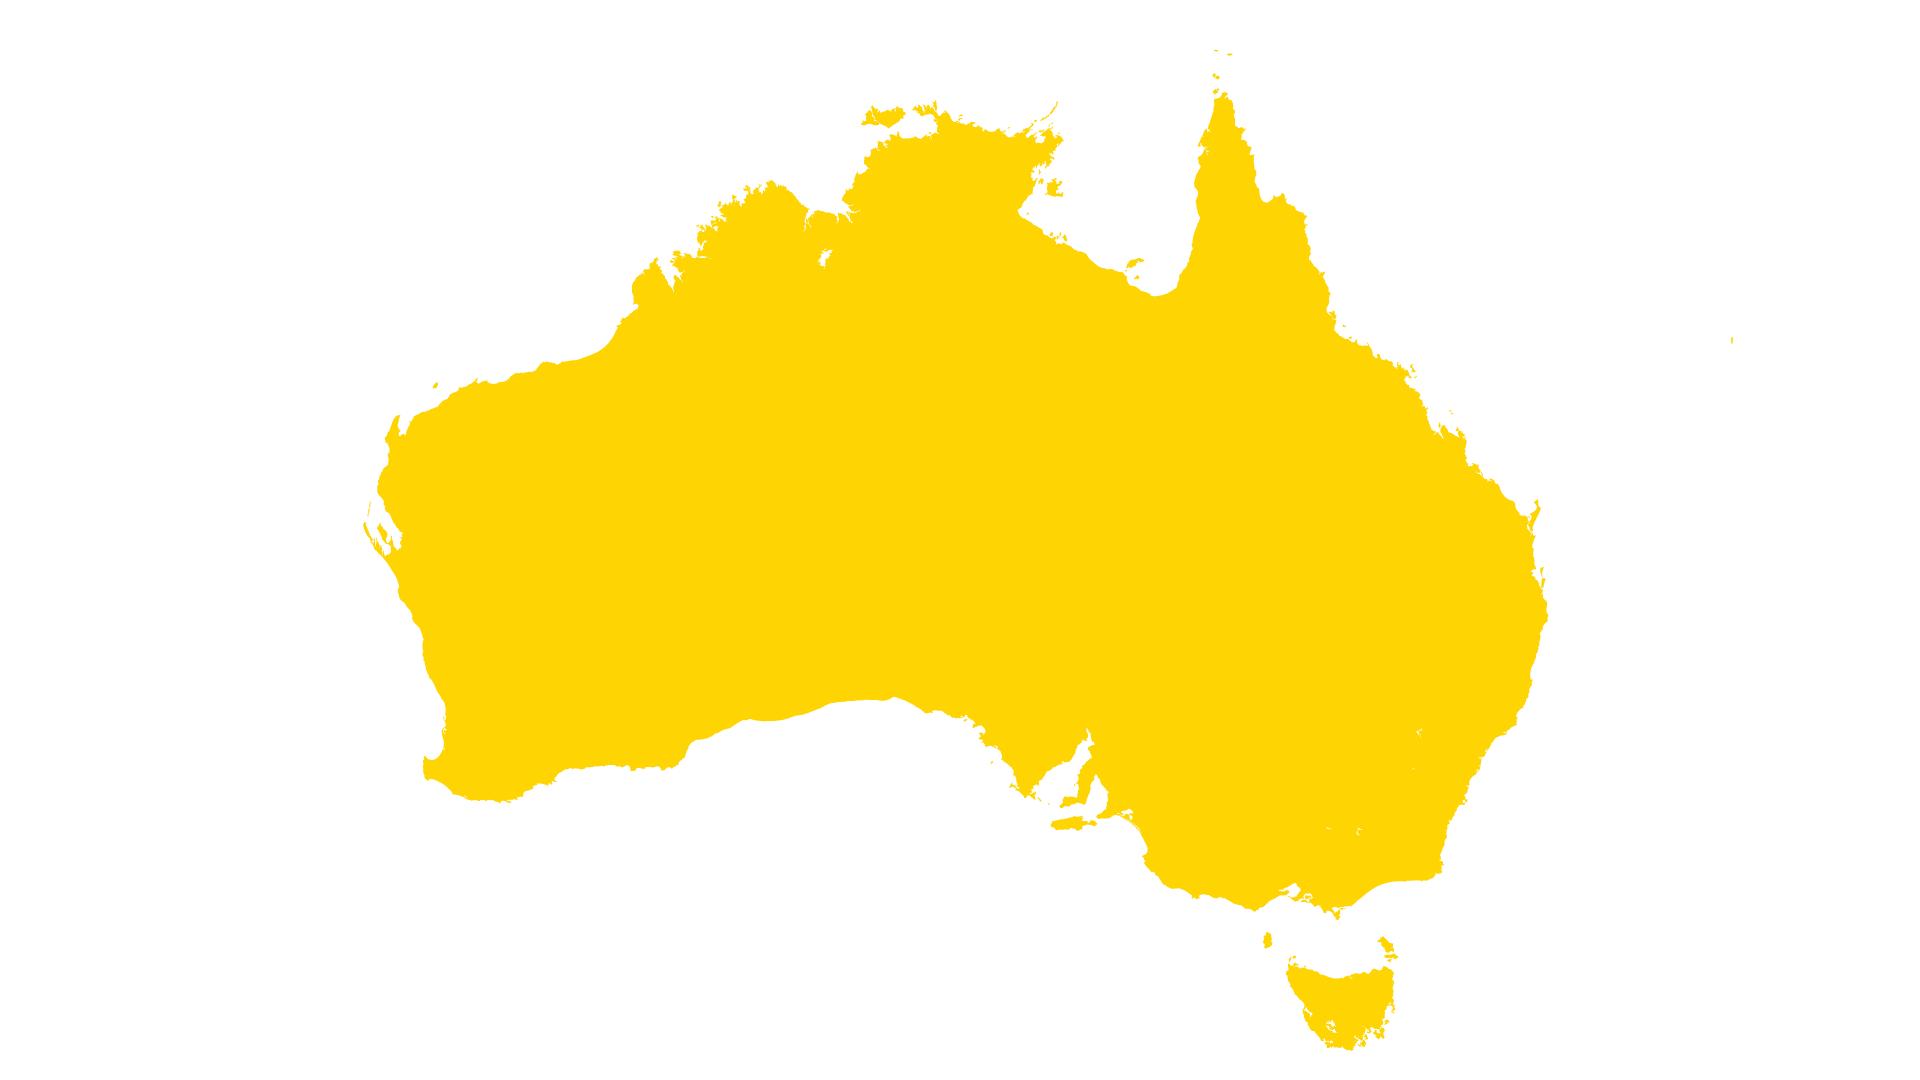 Educatius Classic Program in Australia